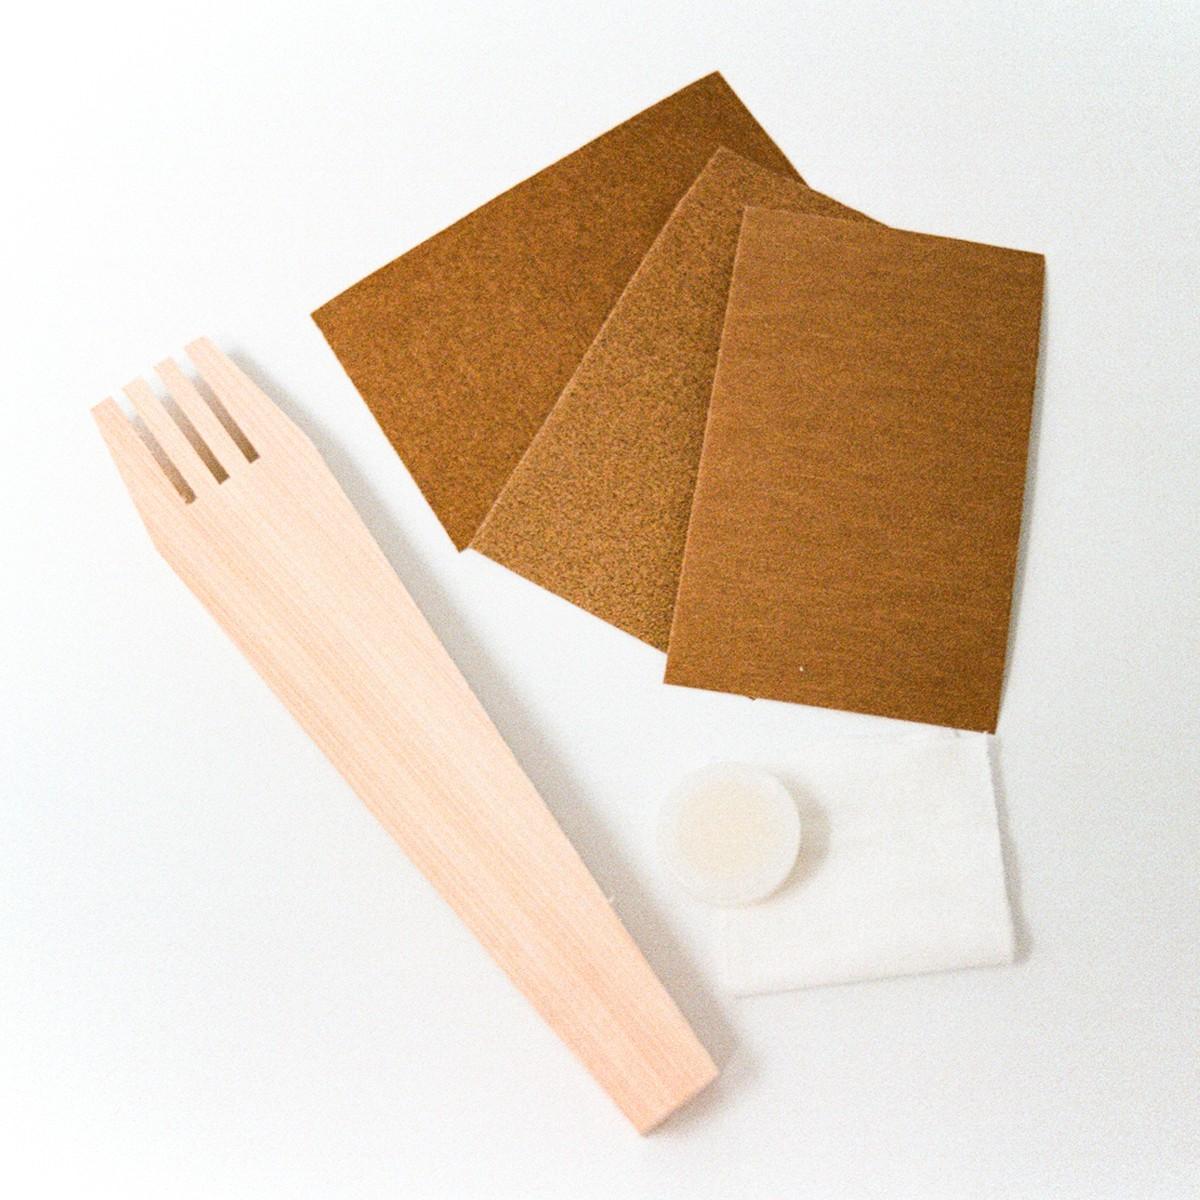 Photo of Japanese Fork Whittling Kit